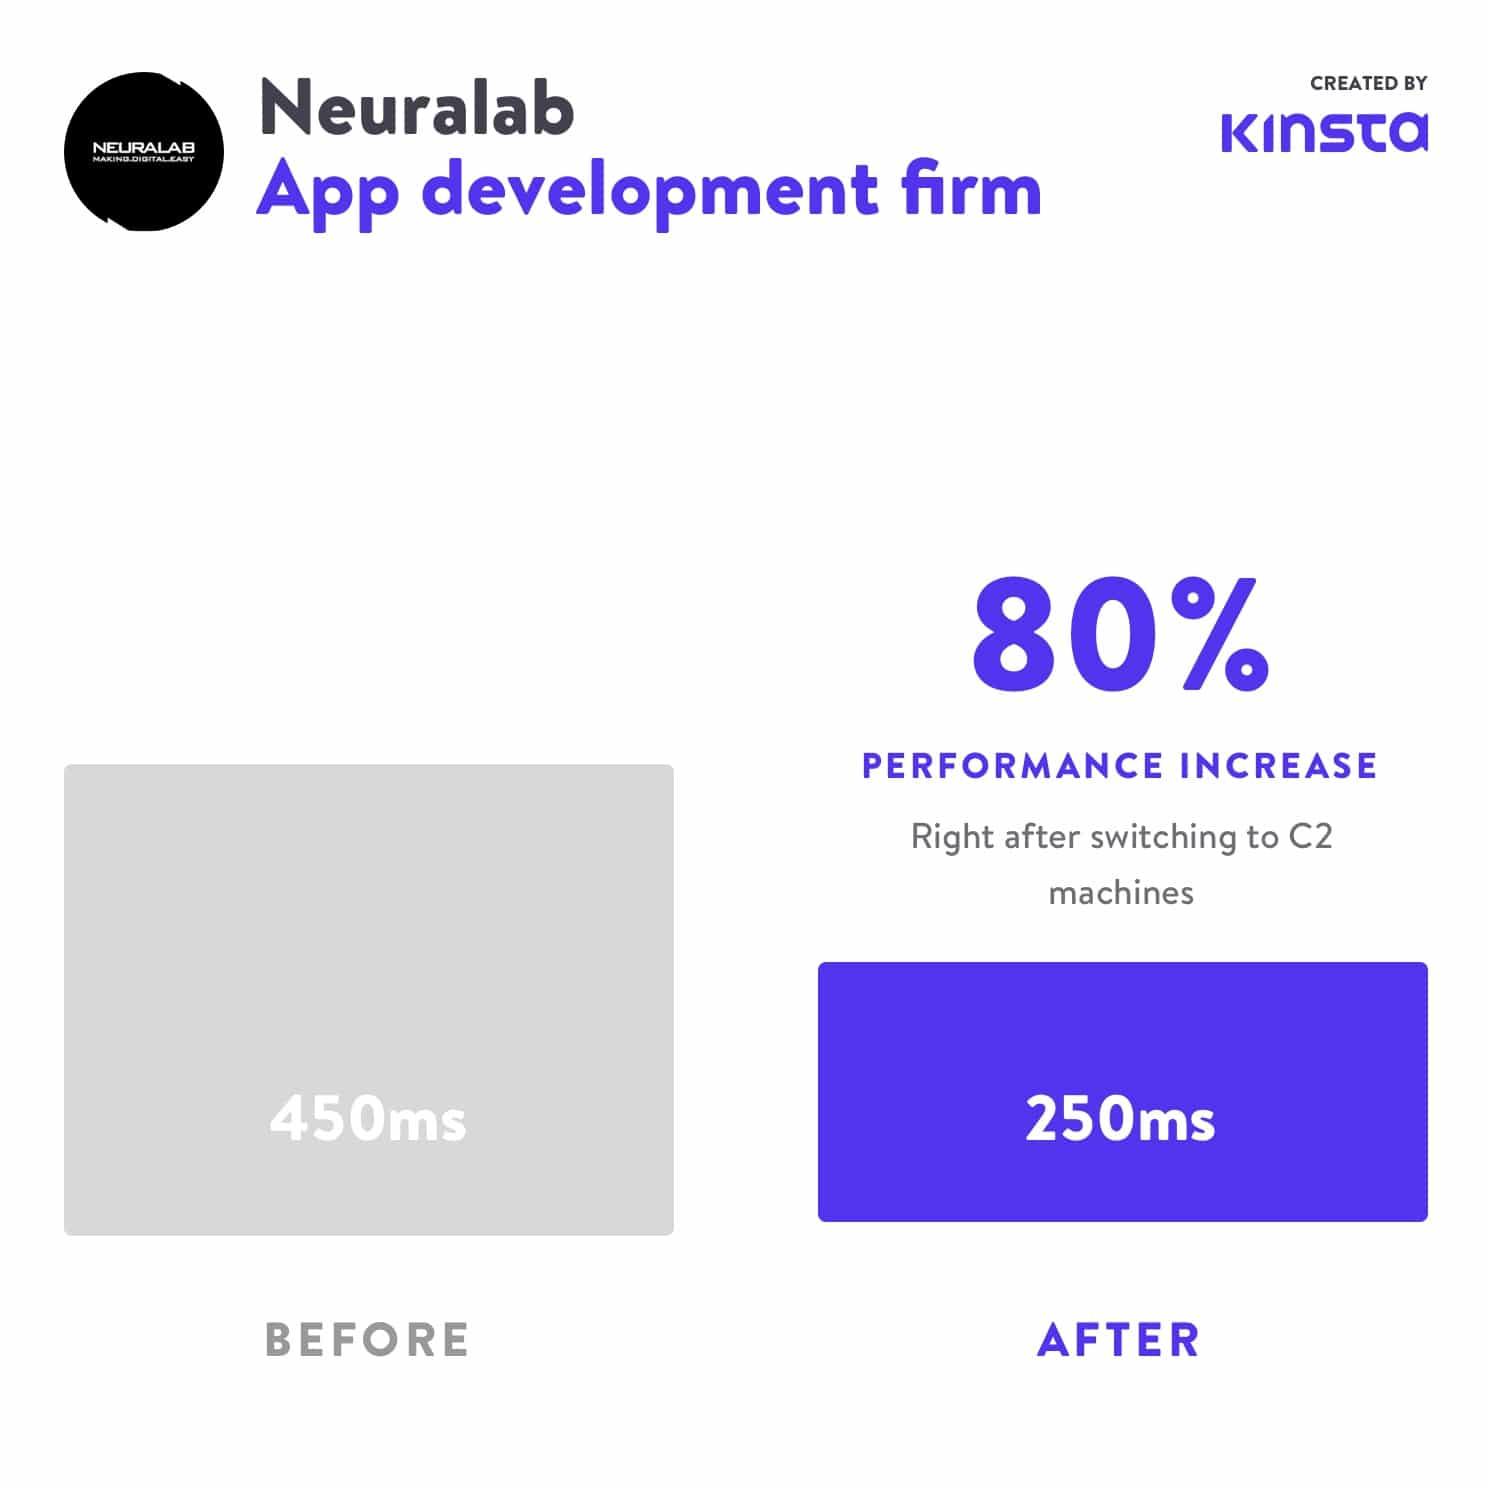 Neuralab zag een prestatieverbetering van 80% na de overstap naar C2.